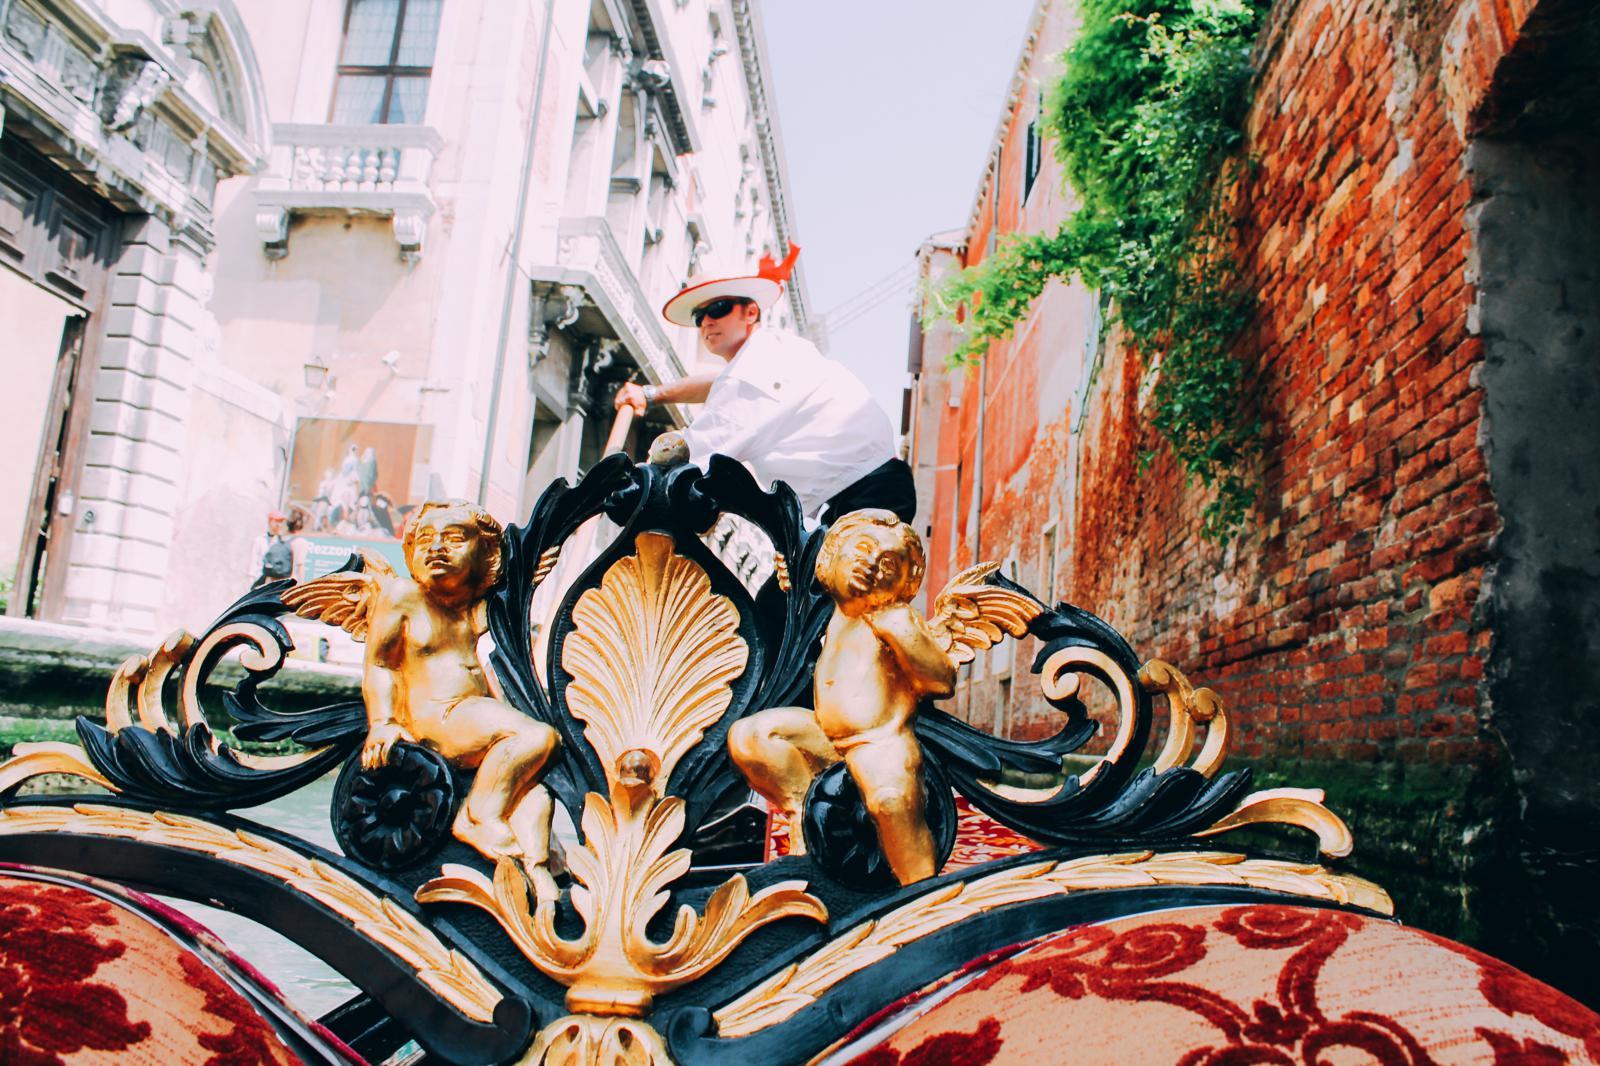 Venice - A Photo Diary. Italy, Europe (7)